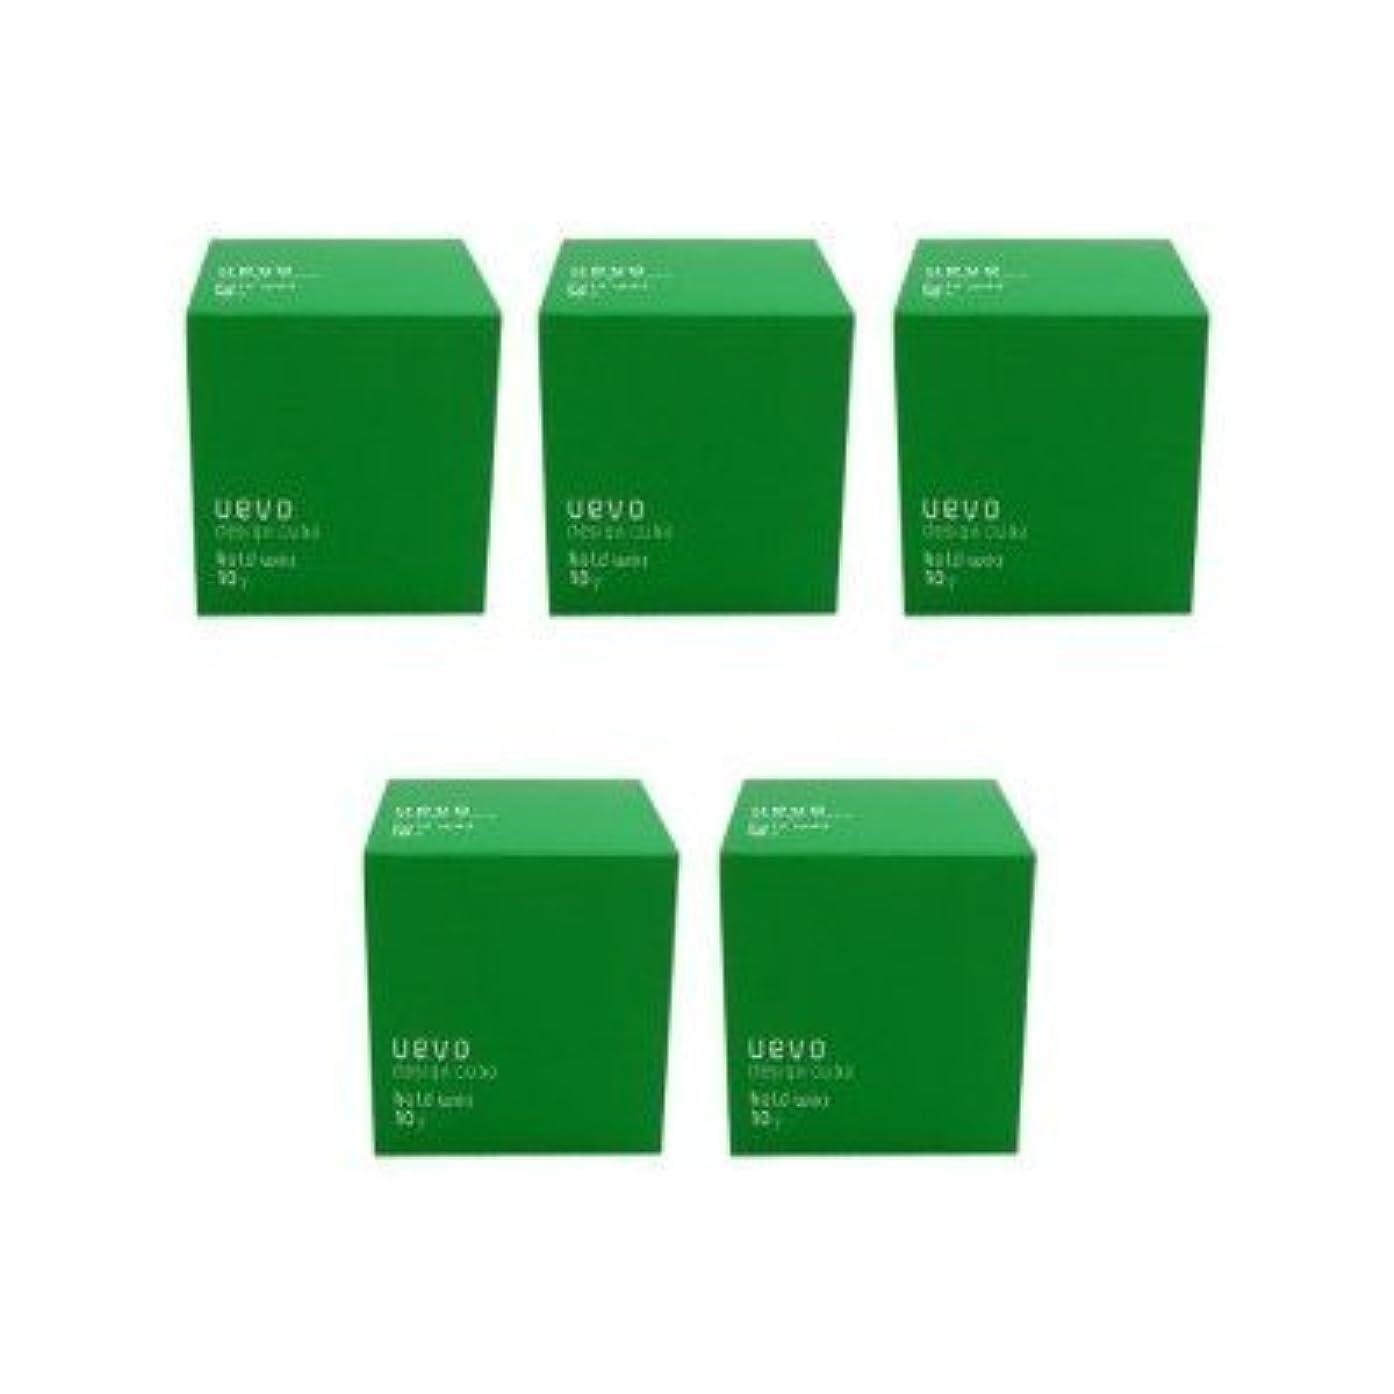 増幅器伝記再生【X5個セット】 デミ ウェーボ デザインキューブ ホールドワックス 80g hold wax DEMI uevo design cube